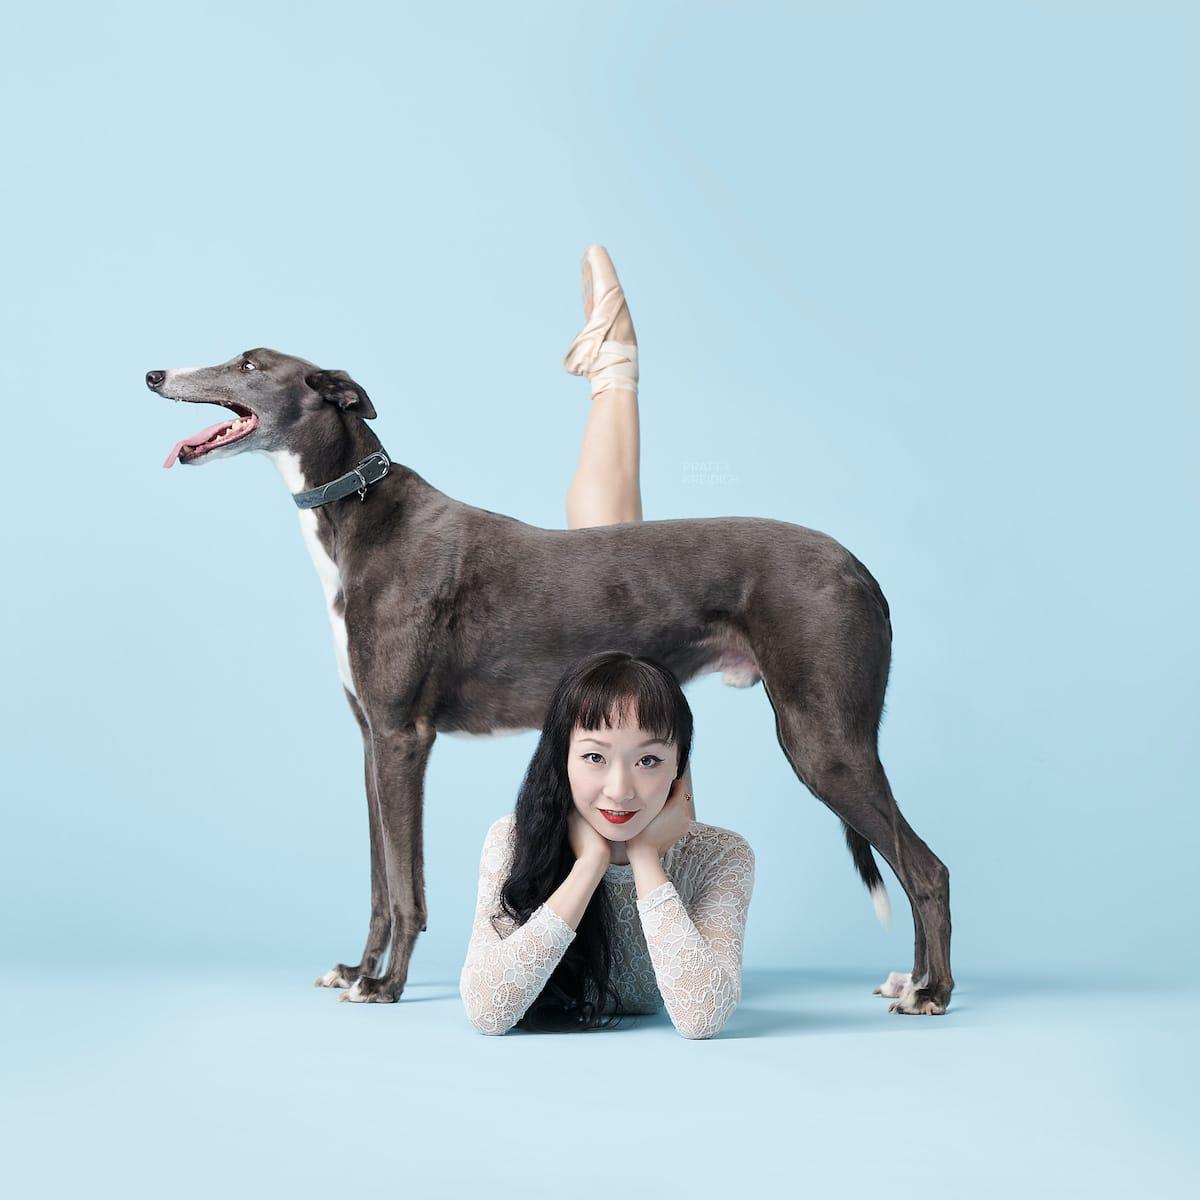 Fotos originales de perros